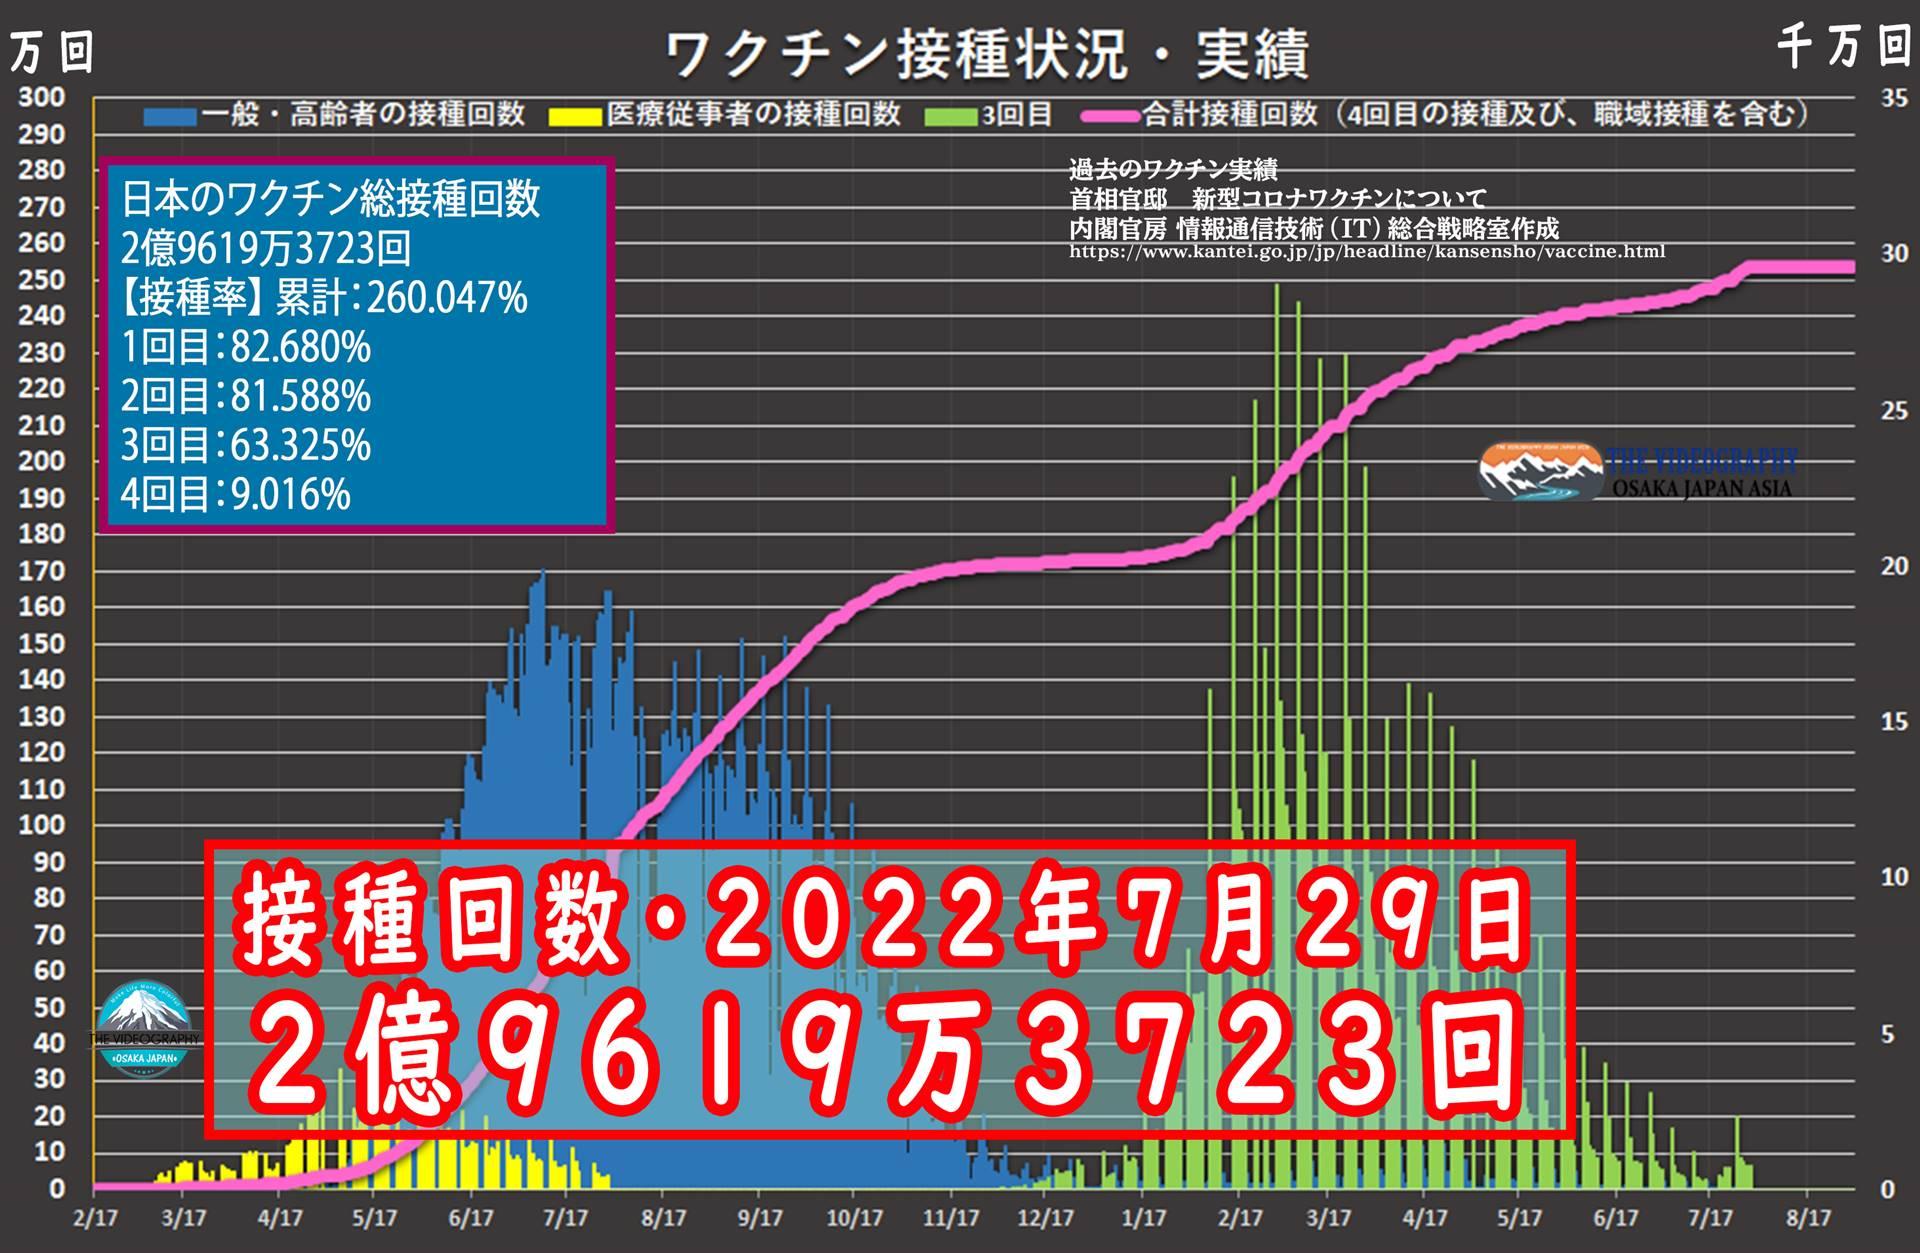 日本のワクチン接種状況・Vaccines in Japan:Vaccines is rapidly rolling out until Olympic Games in Japan. Japan is rapidly rolling out vaccines until Olympic Games. 日本 銅メダル ワクチン接種で世界3位。日本は五輪まで ワクチン接種のロング・ラスト・スパートを展開。 日本のワクチン接種回数は始まったばかりであり、極端に低い。45日後に開催となるオリンピックを目前に、急速な追い上げを見せている。Our Woorld Dataの調査では、日本は世界3位のワクチン接種件数。今後、職場など大規模会場での実施により、より一層ワクチン接種が進むものと考えられる。安心安全のオリンピックに向け、菅首相は1日100万回の接種を目指している。欧米など海外主要国と比較し、日本のコロナ感染拡大はオーストラリア ニュージーランドと共に非常に抑えられている。